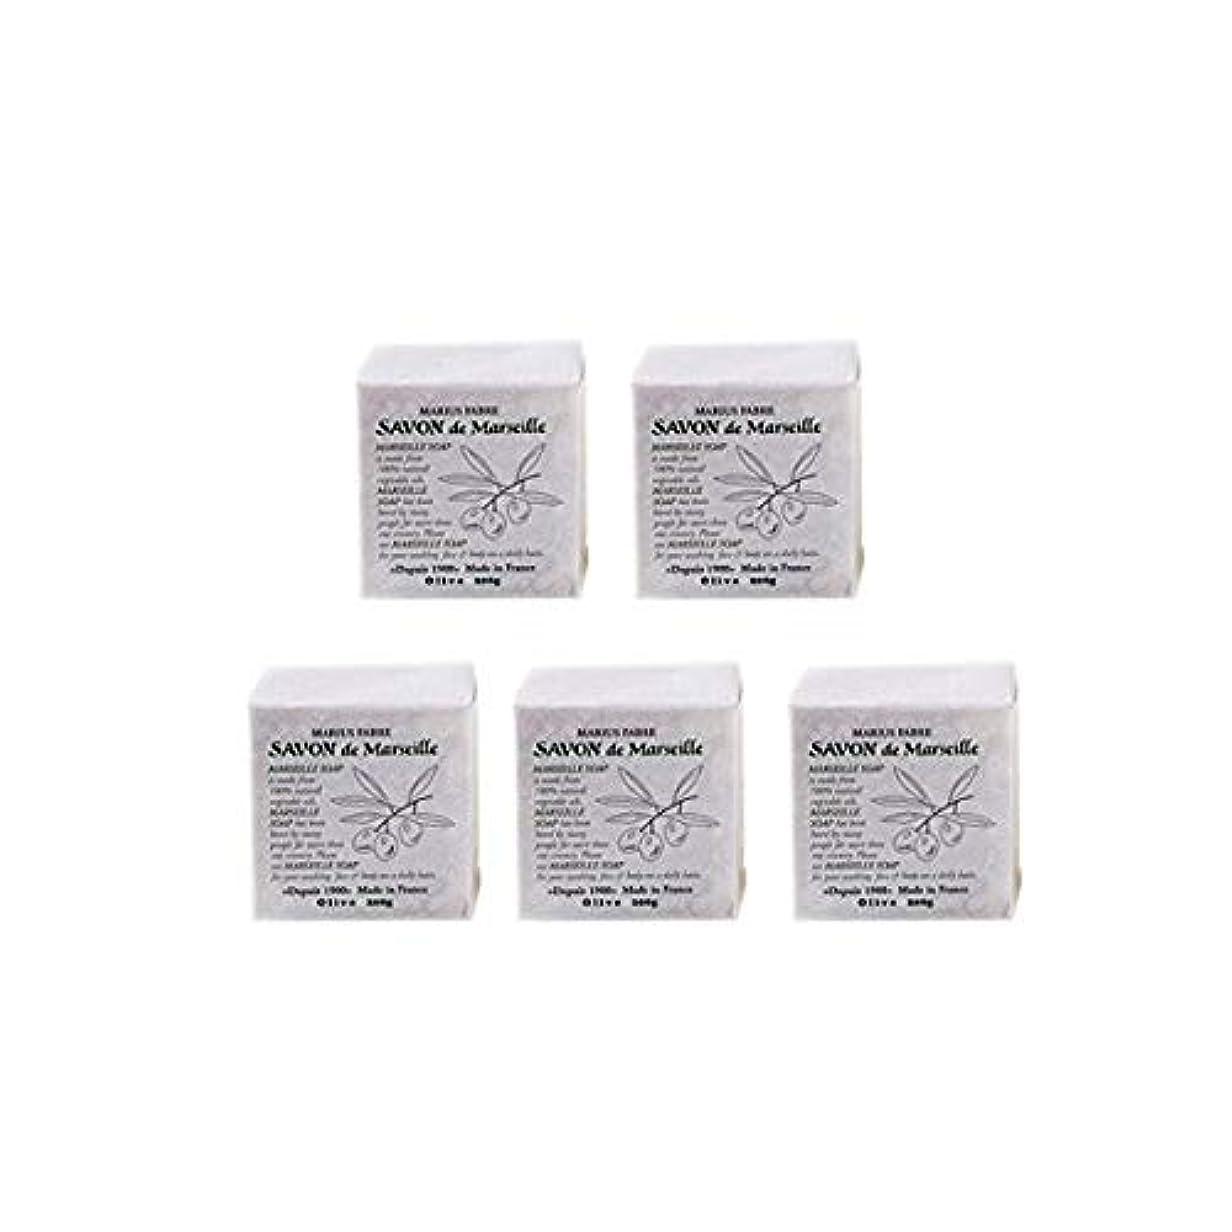 粘液手首メッシュマリウスファーブルサボンドマルセイユ無香料オリーブN(無香料)5個セット(200g×5個)マリウスファーブルのマルセイユ石鹸 無香料